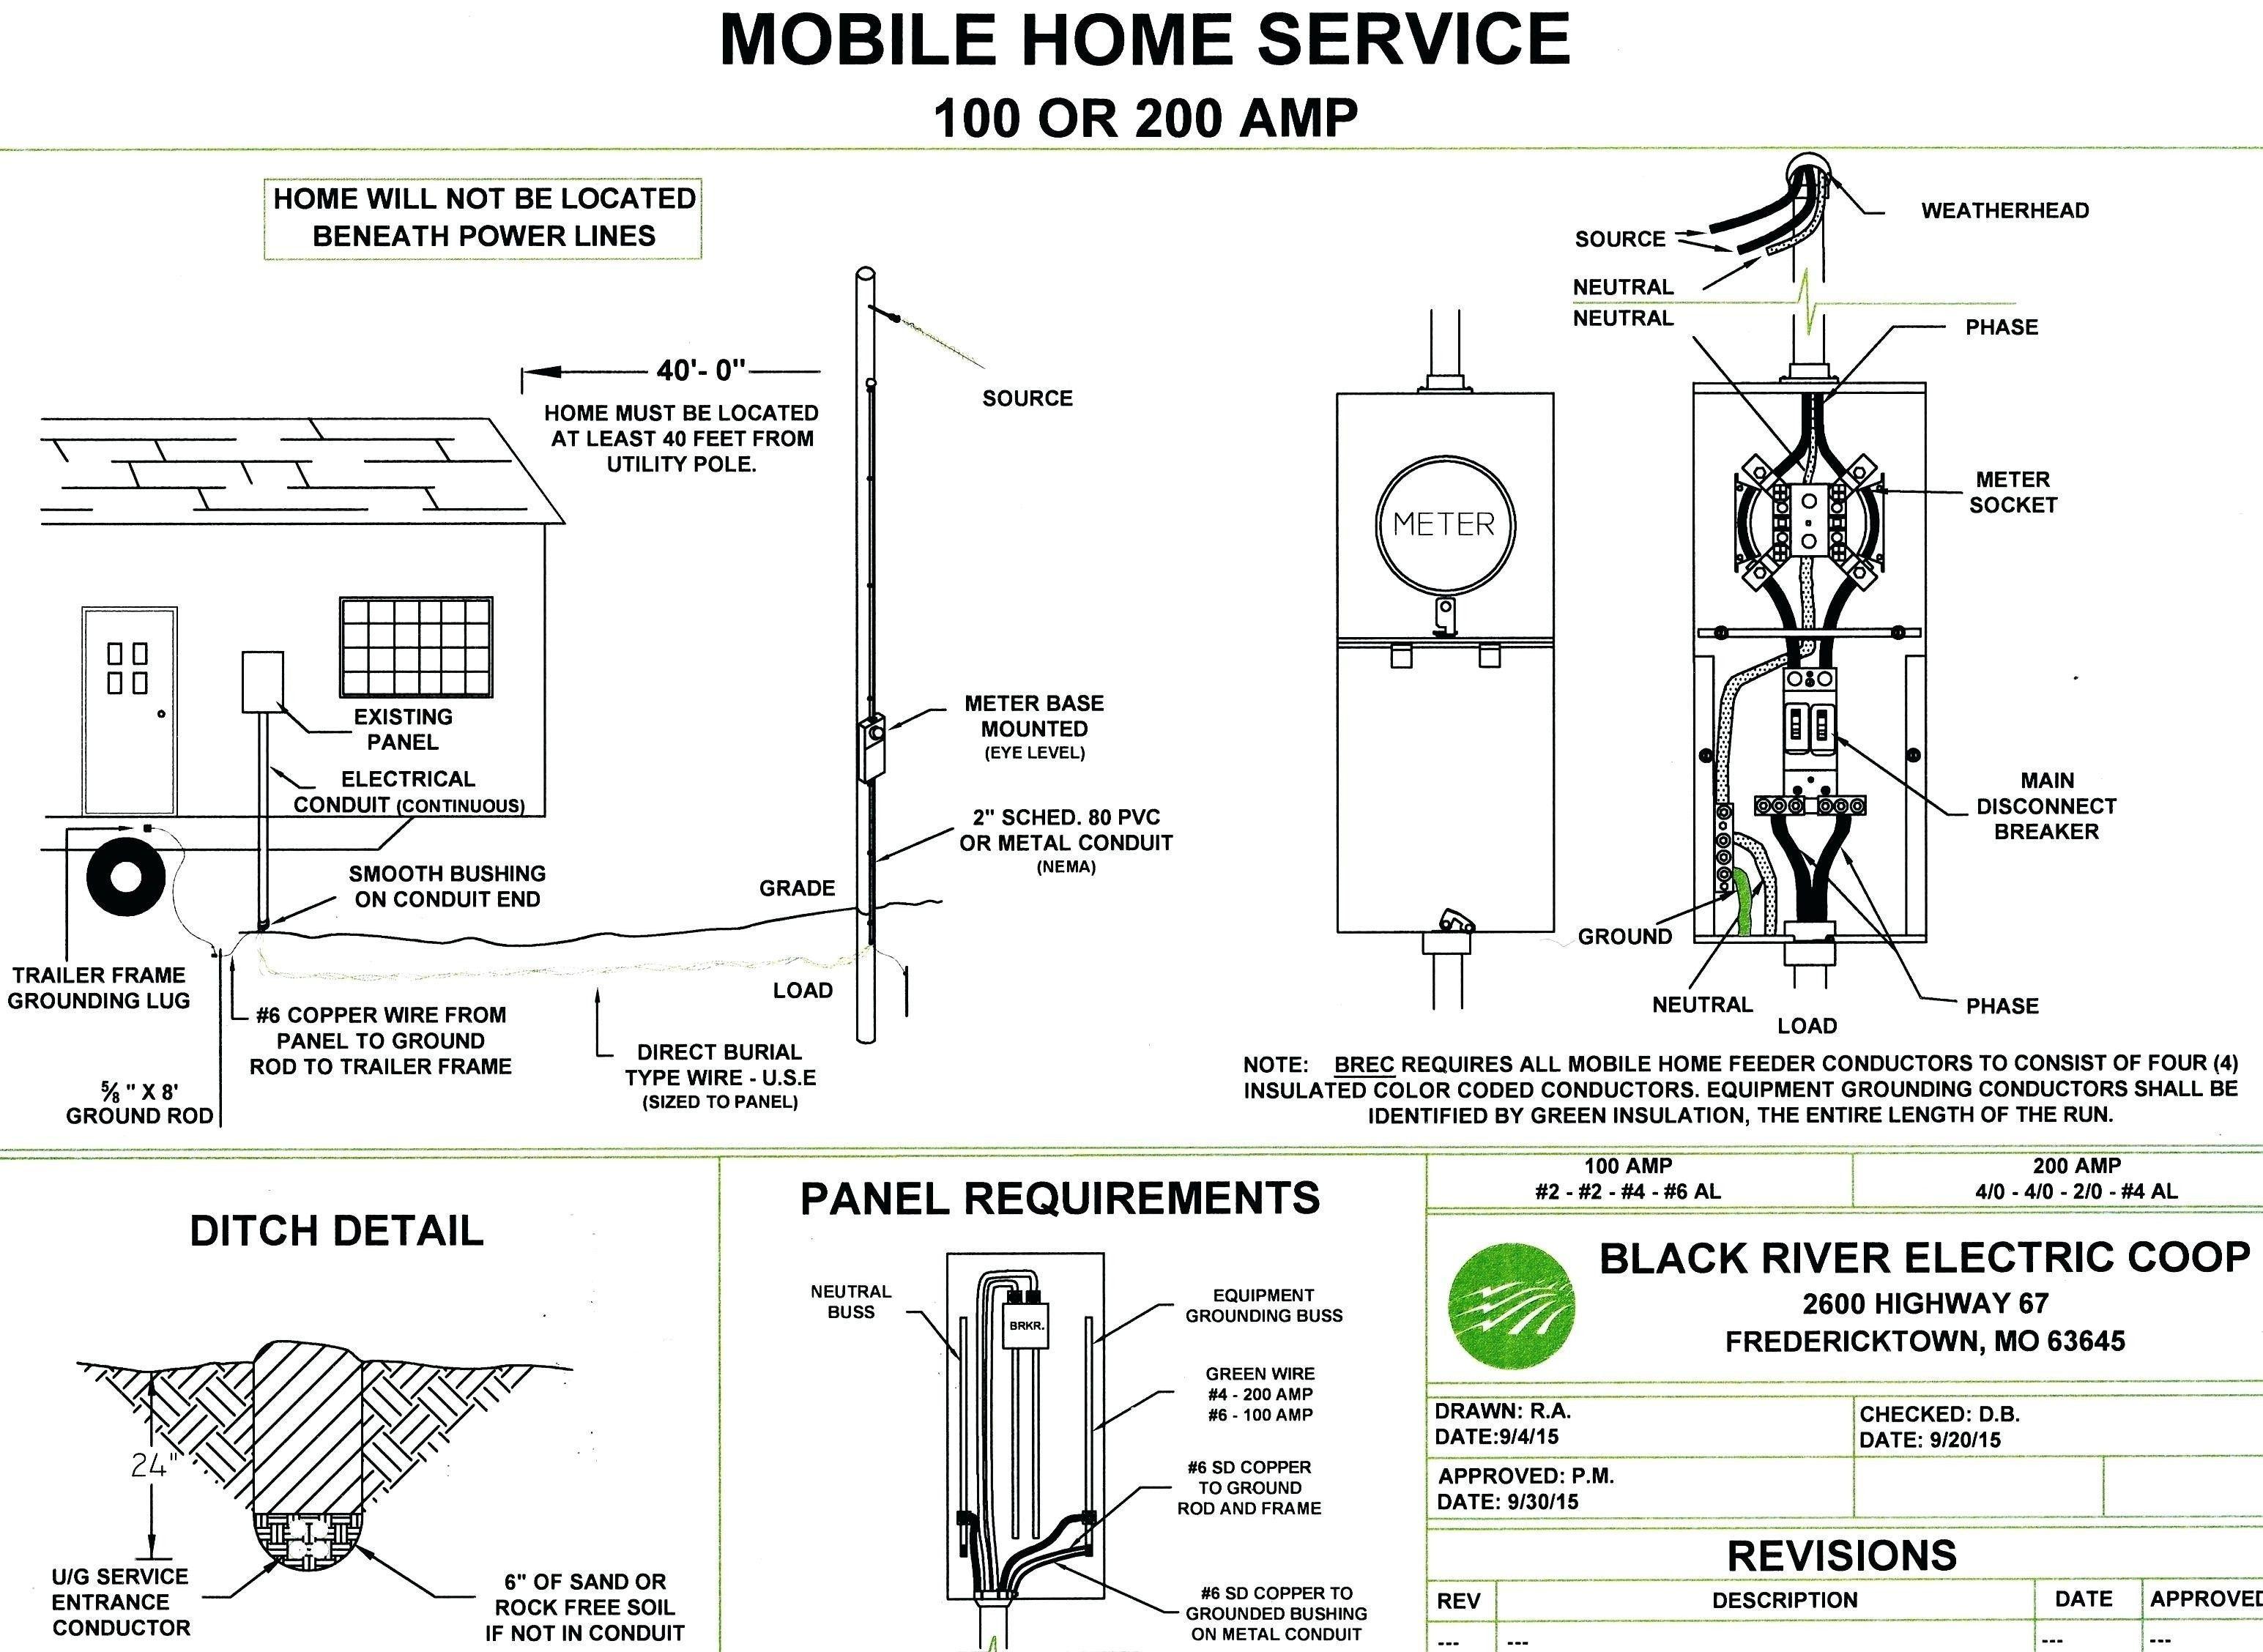 New Wiring Diagram Mobile Home Diagram Diagramsample